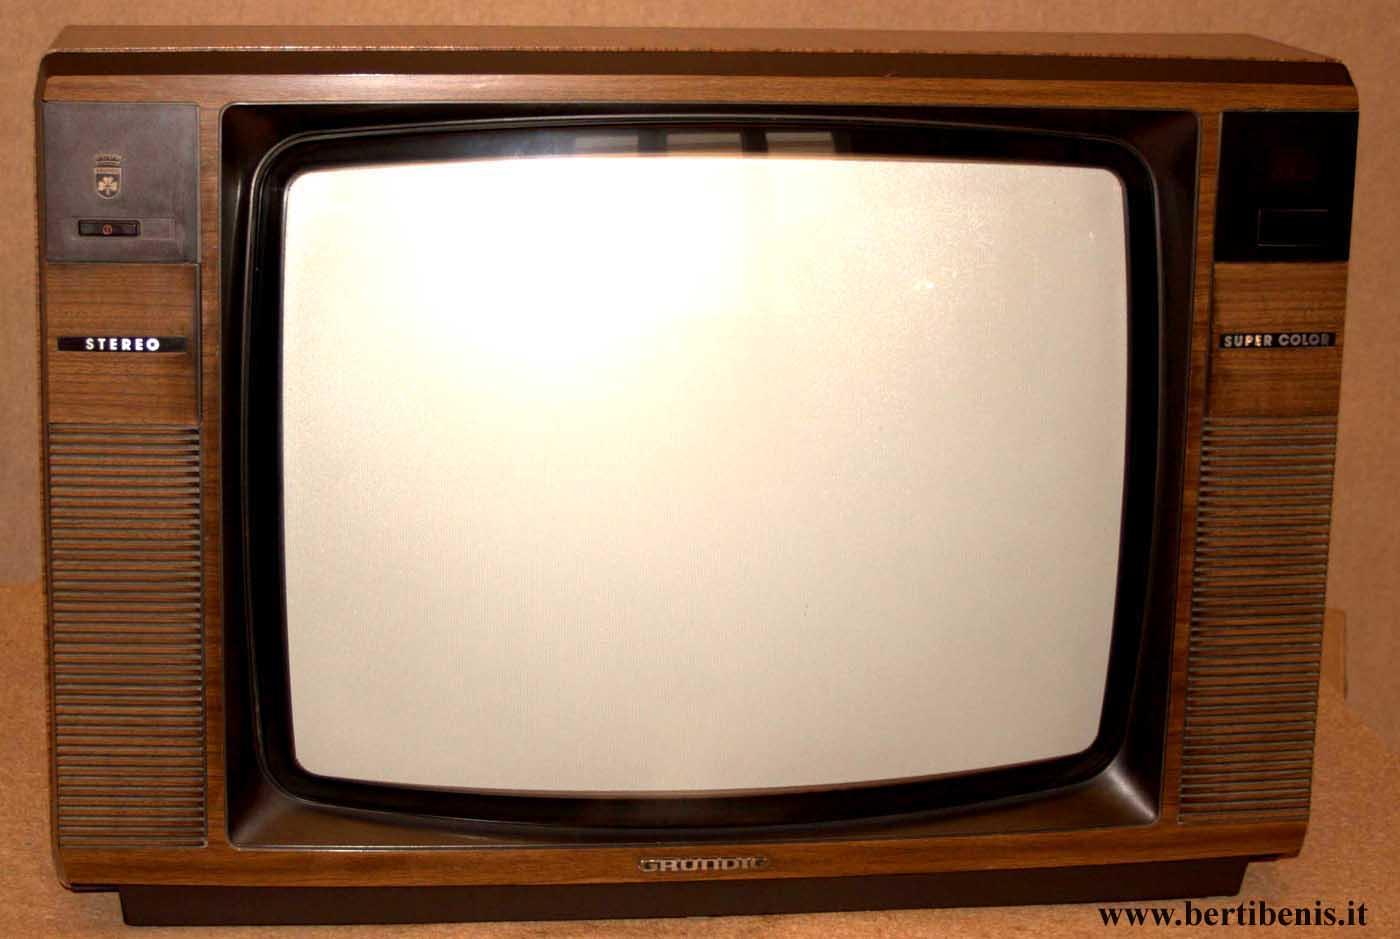 Http Www Bertibenis It Tv 20grundig 20st3022 20e Htm